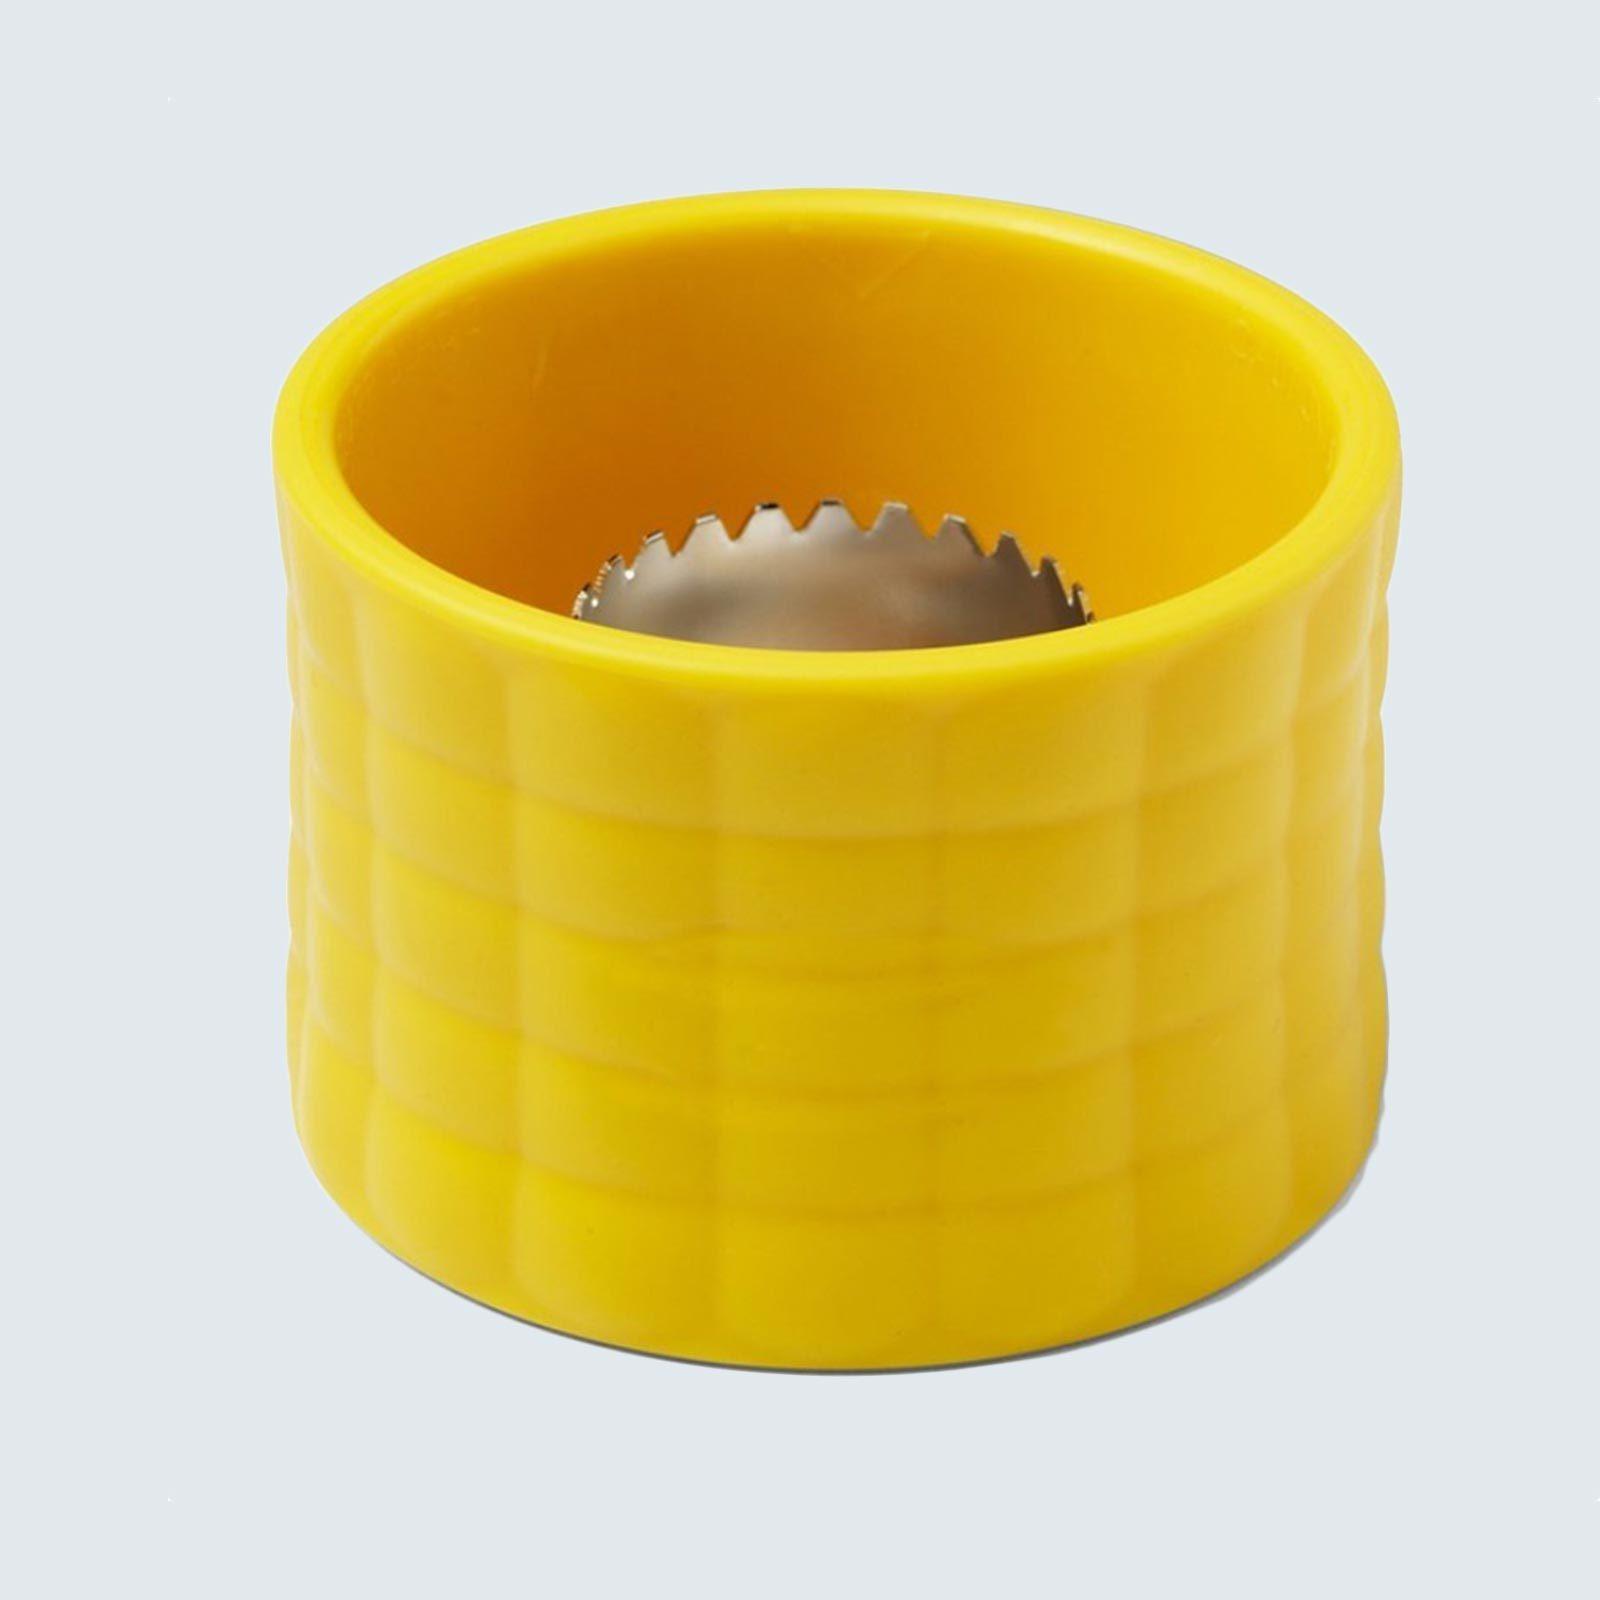 GLiving Corn Cob Peeler Gadget